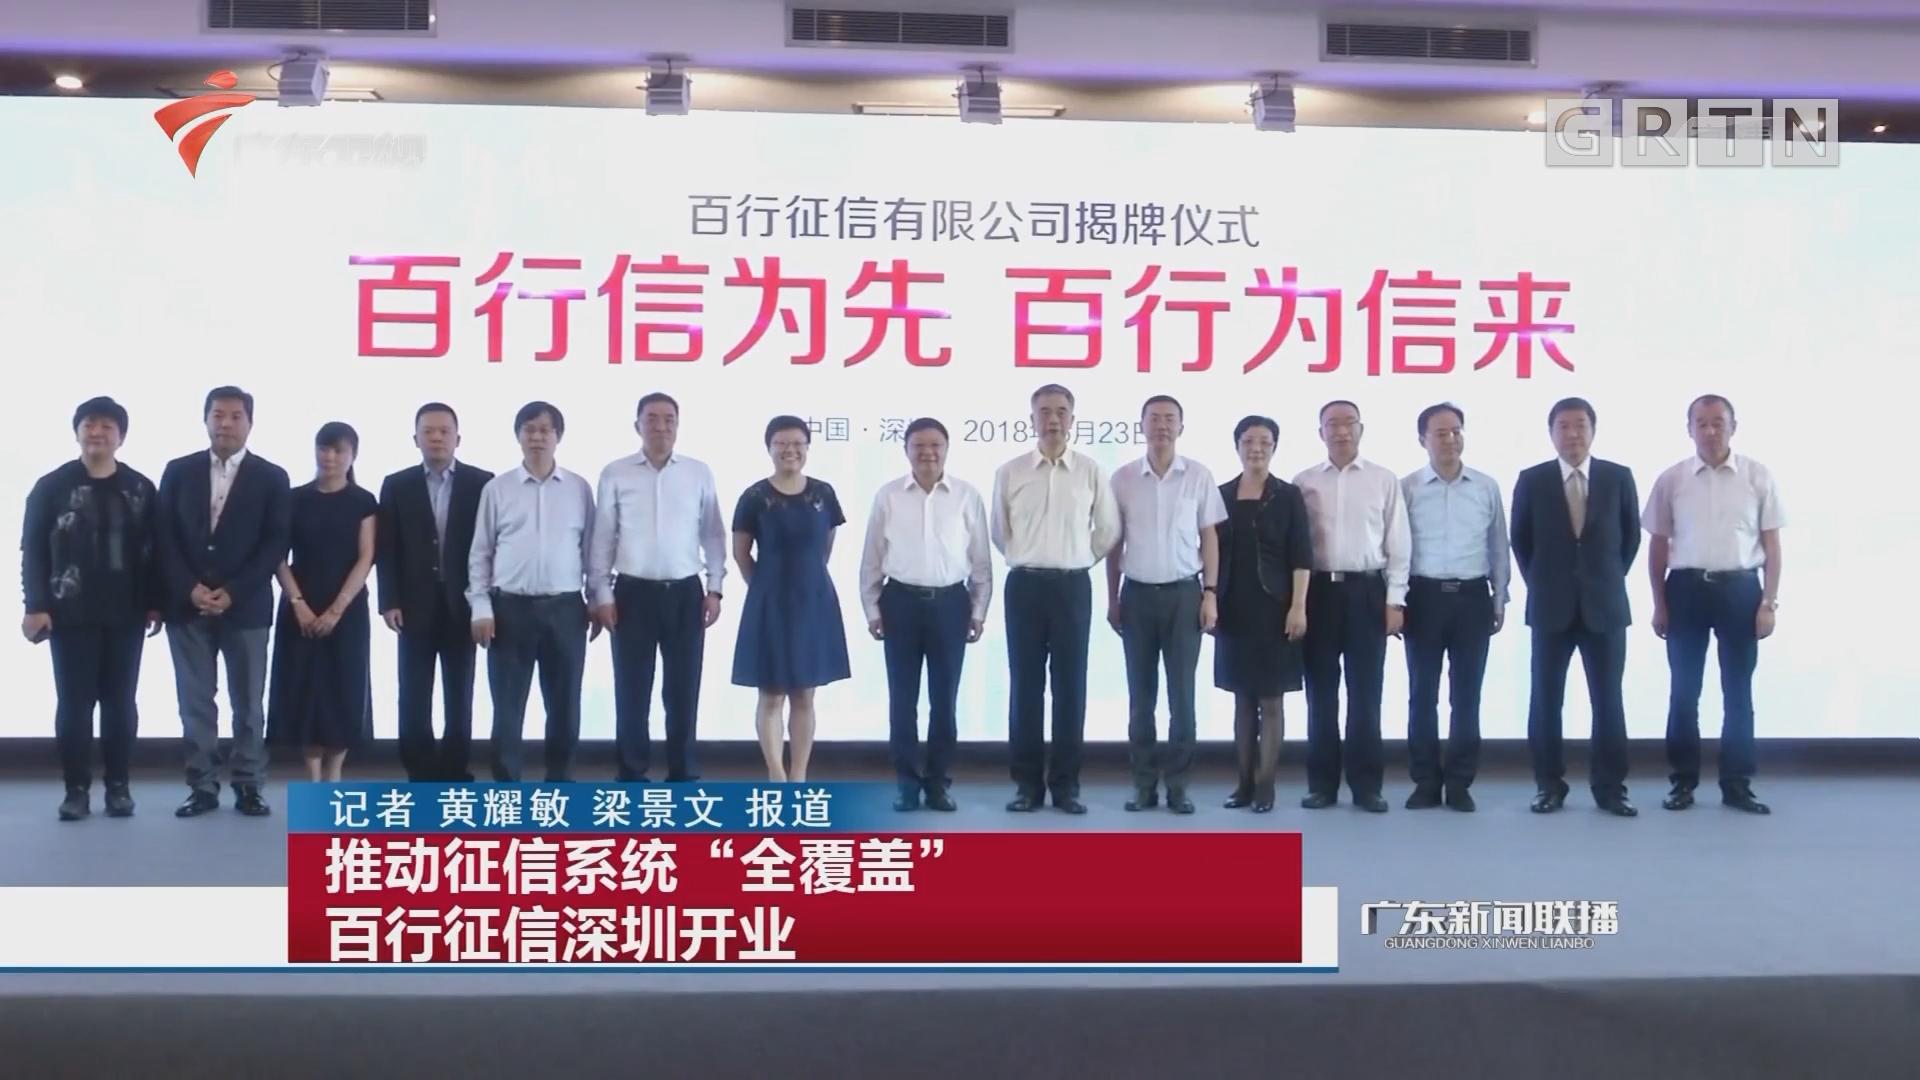 """推动征信系统""""全覆盖"""" 百行征信深圳开业"""